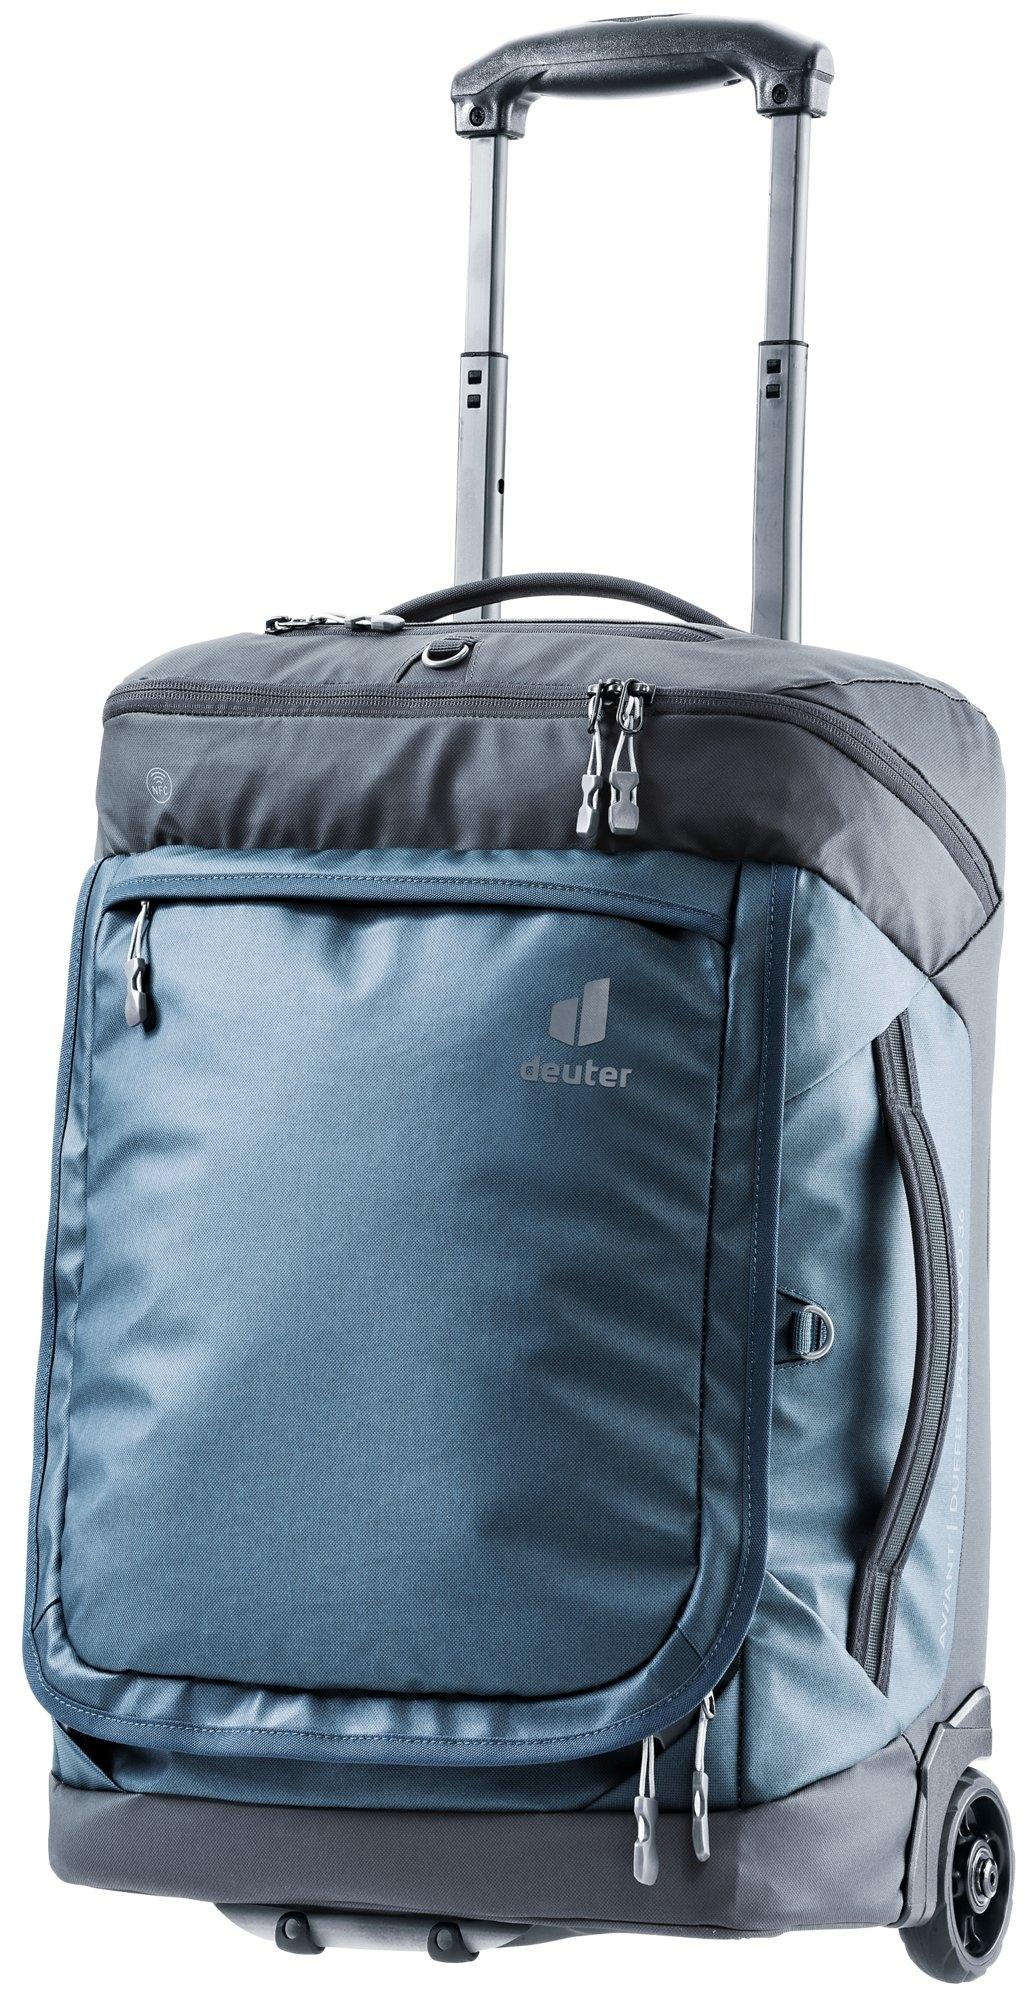 Сумки-рюкзаки Сумка рюкзак на колесах Deuter Aviant Duffel Pro Movo 36 ce0c70bf4cd9bf97b2f6c052706f3b1c.jpg